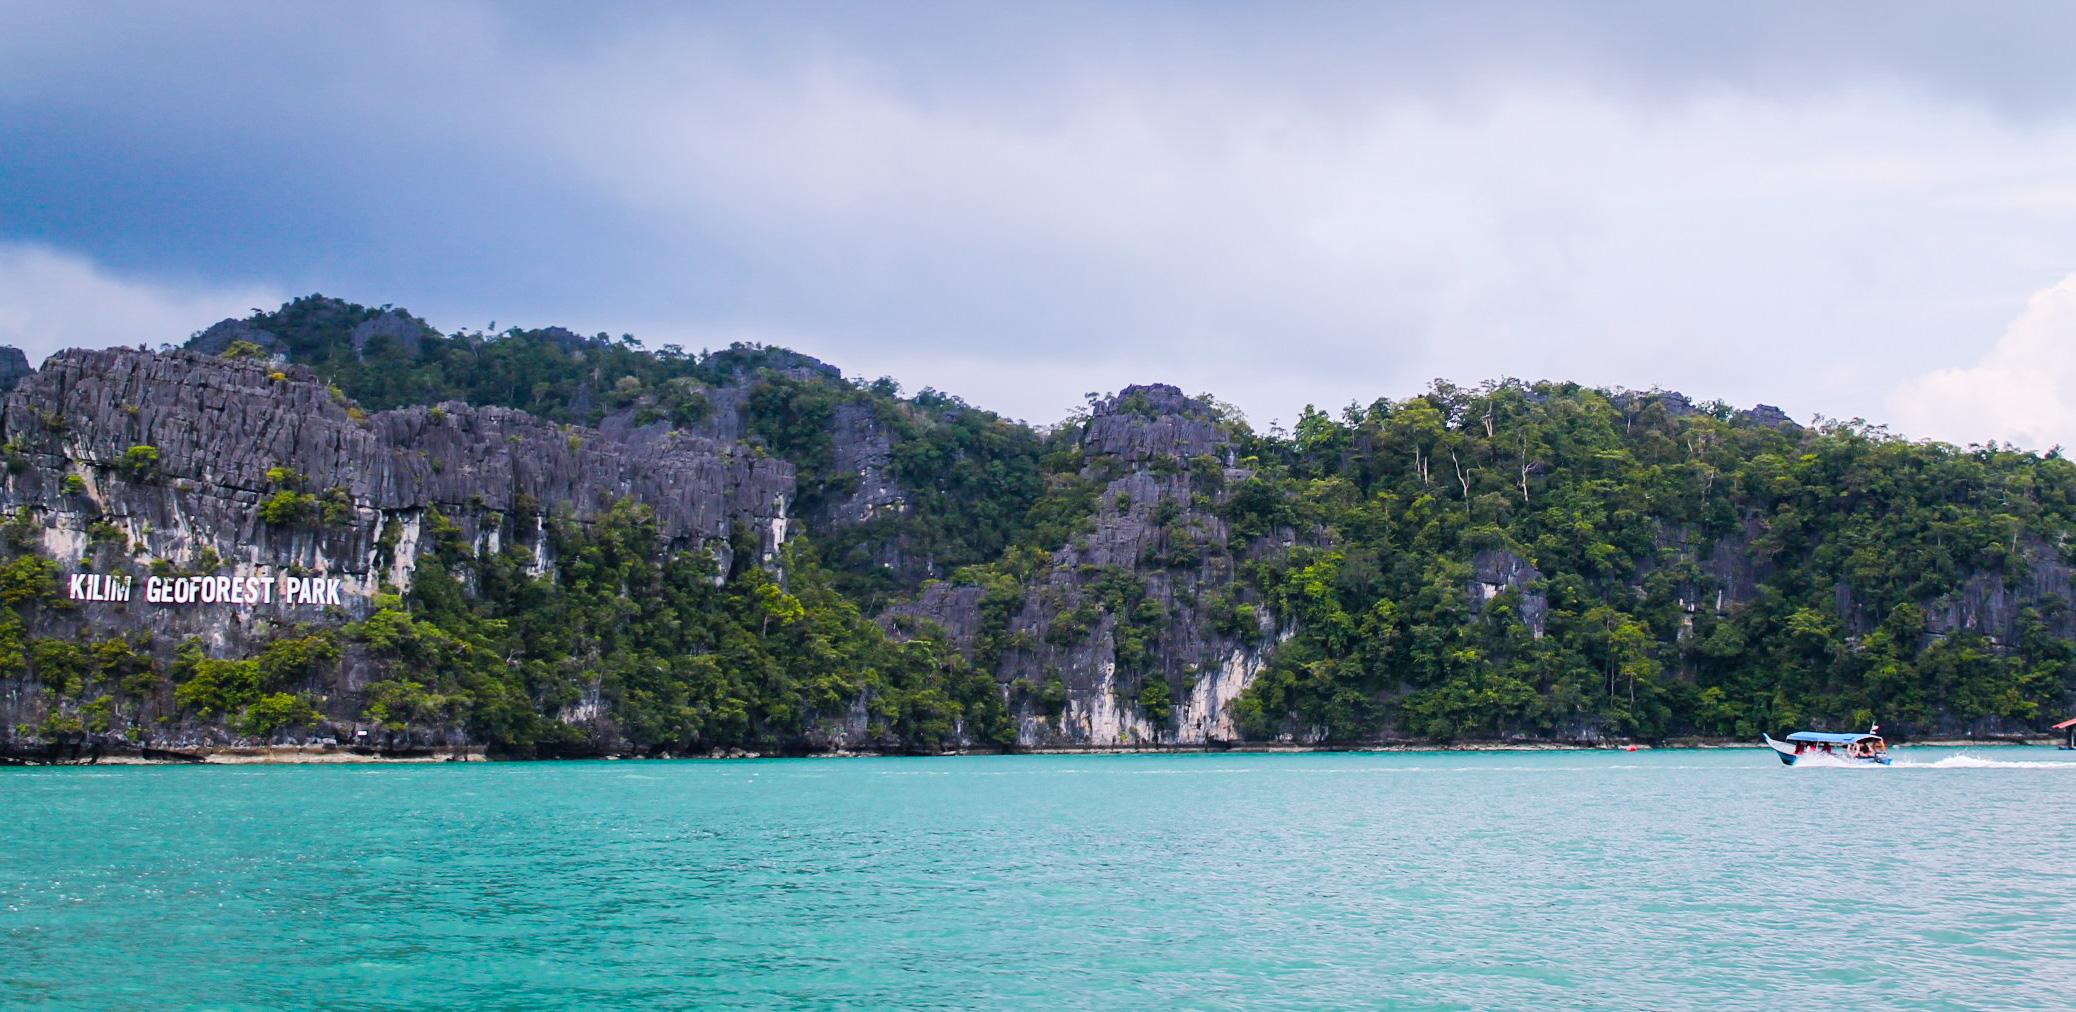 Mangrove cruise; langkawi, malaysia